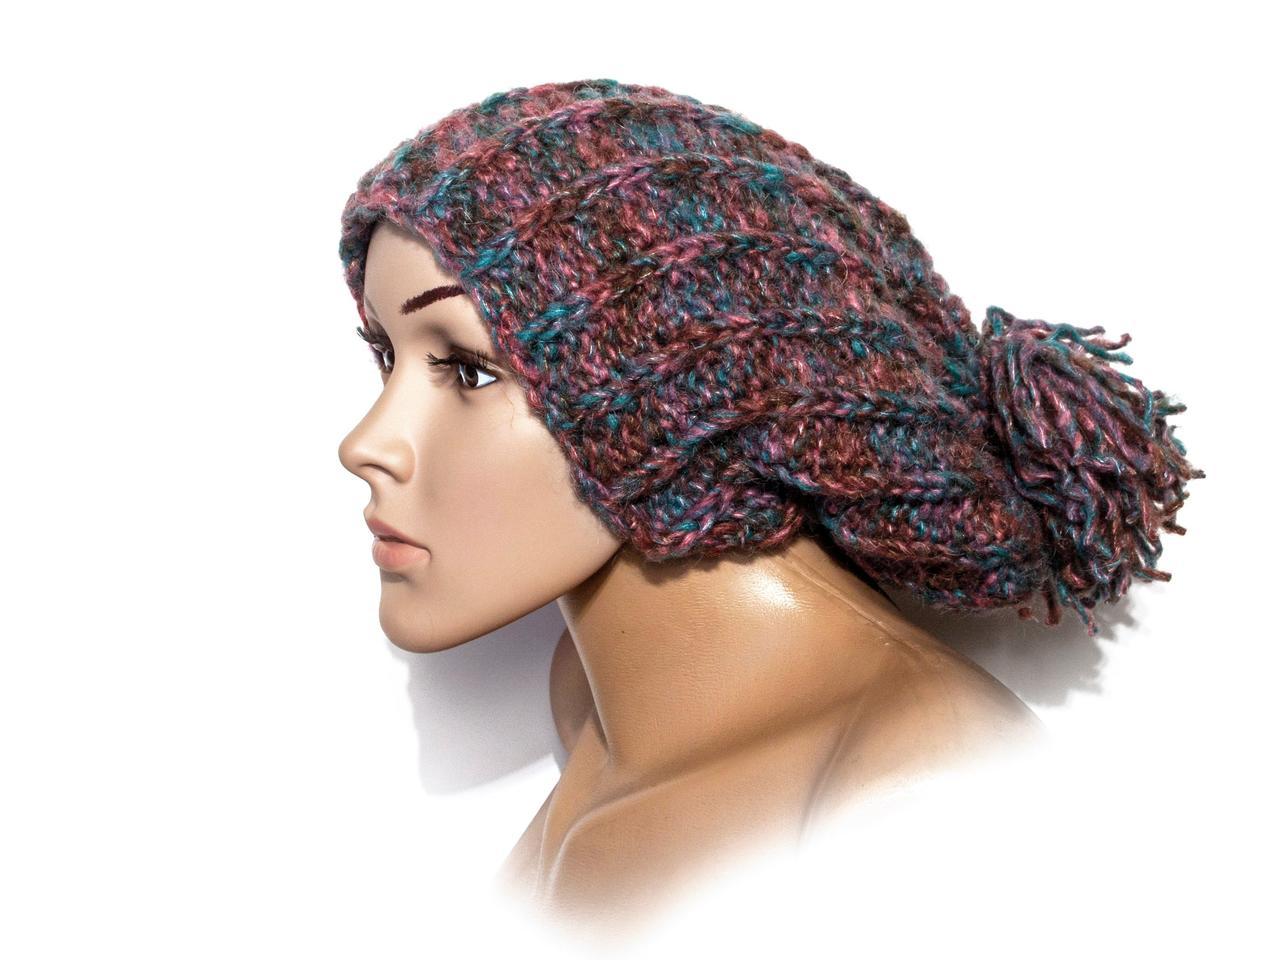 Шапка, женская вязаная шапка, мужская шапка, Unisex, HandMade шапка, модная стильная шапка, шапка носок